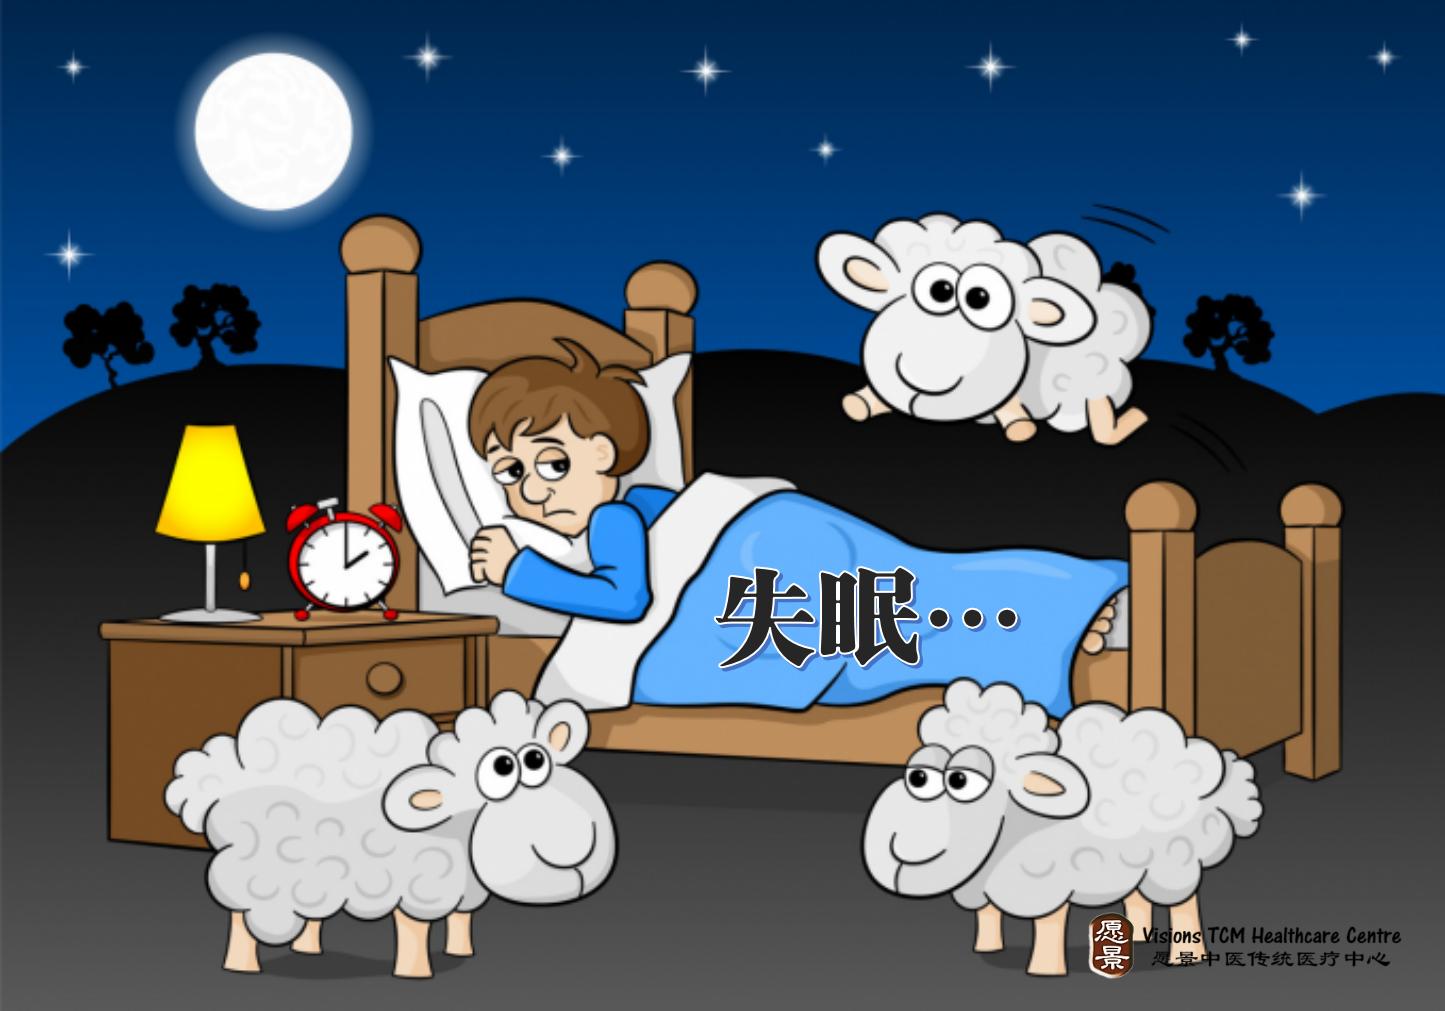 【失眠】- 经常失眠? 找出原因,对症治疗最重要。